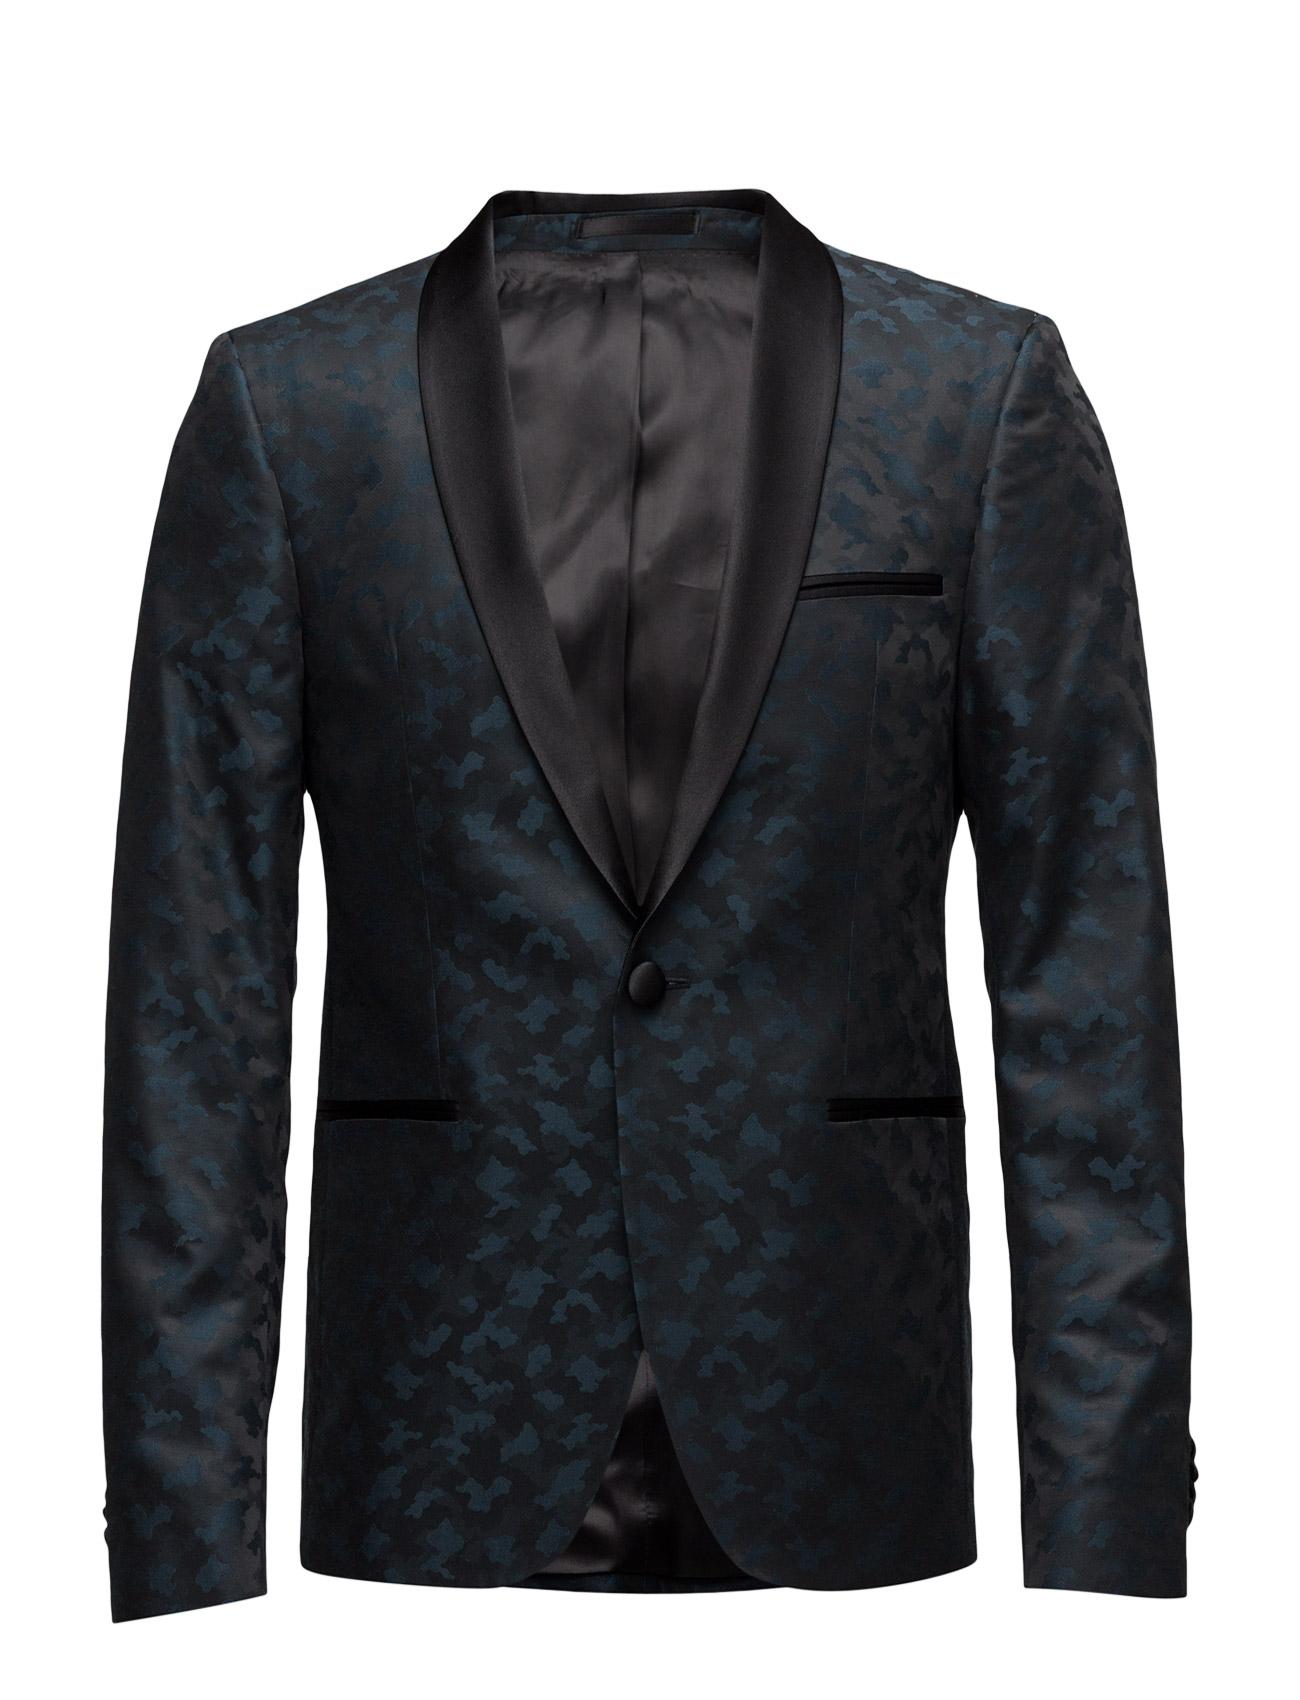 6881 - Bowie Shawl Normal SPO Smokings til Mænd i Medium Blå